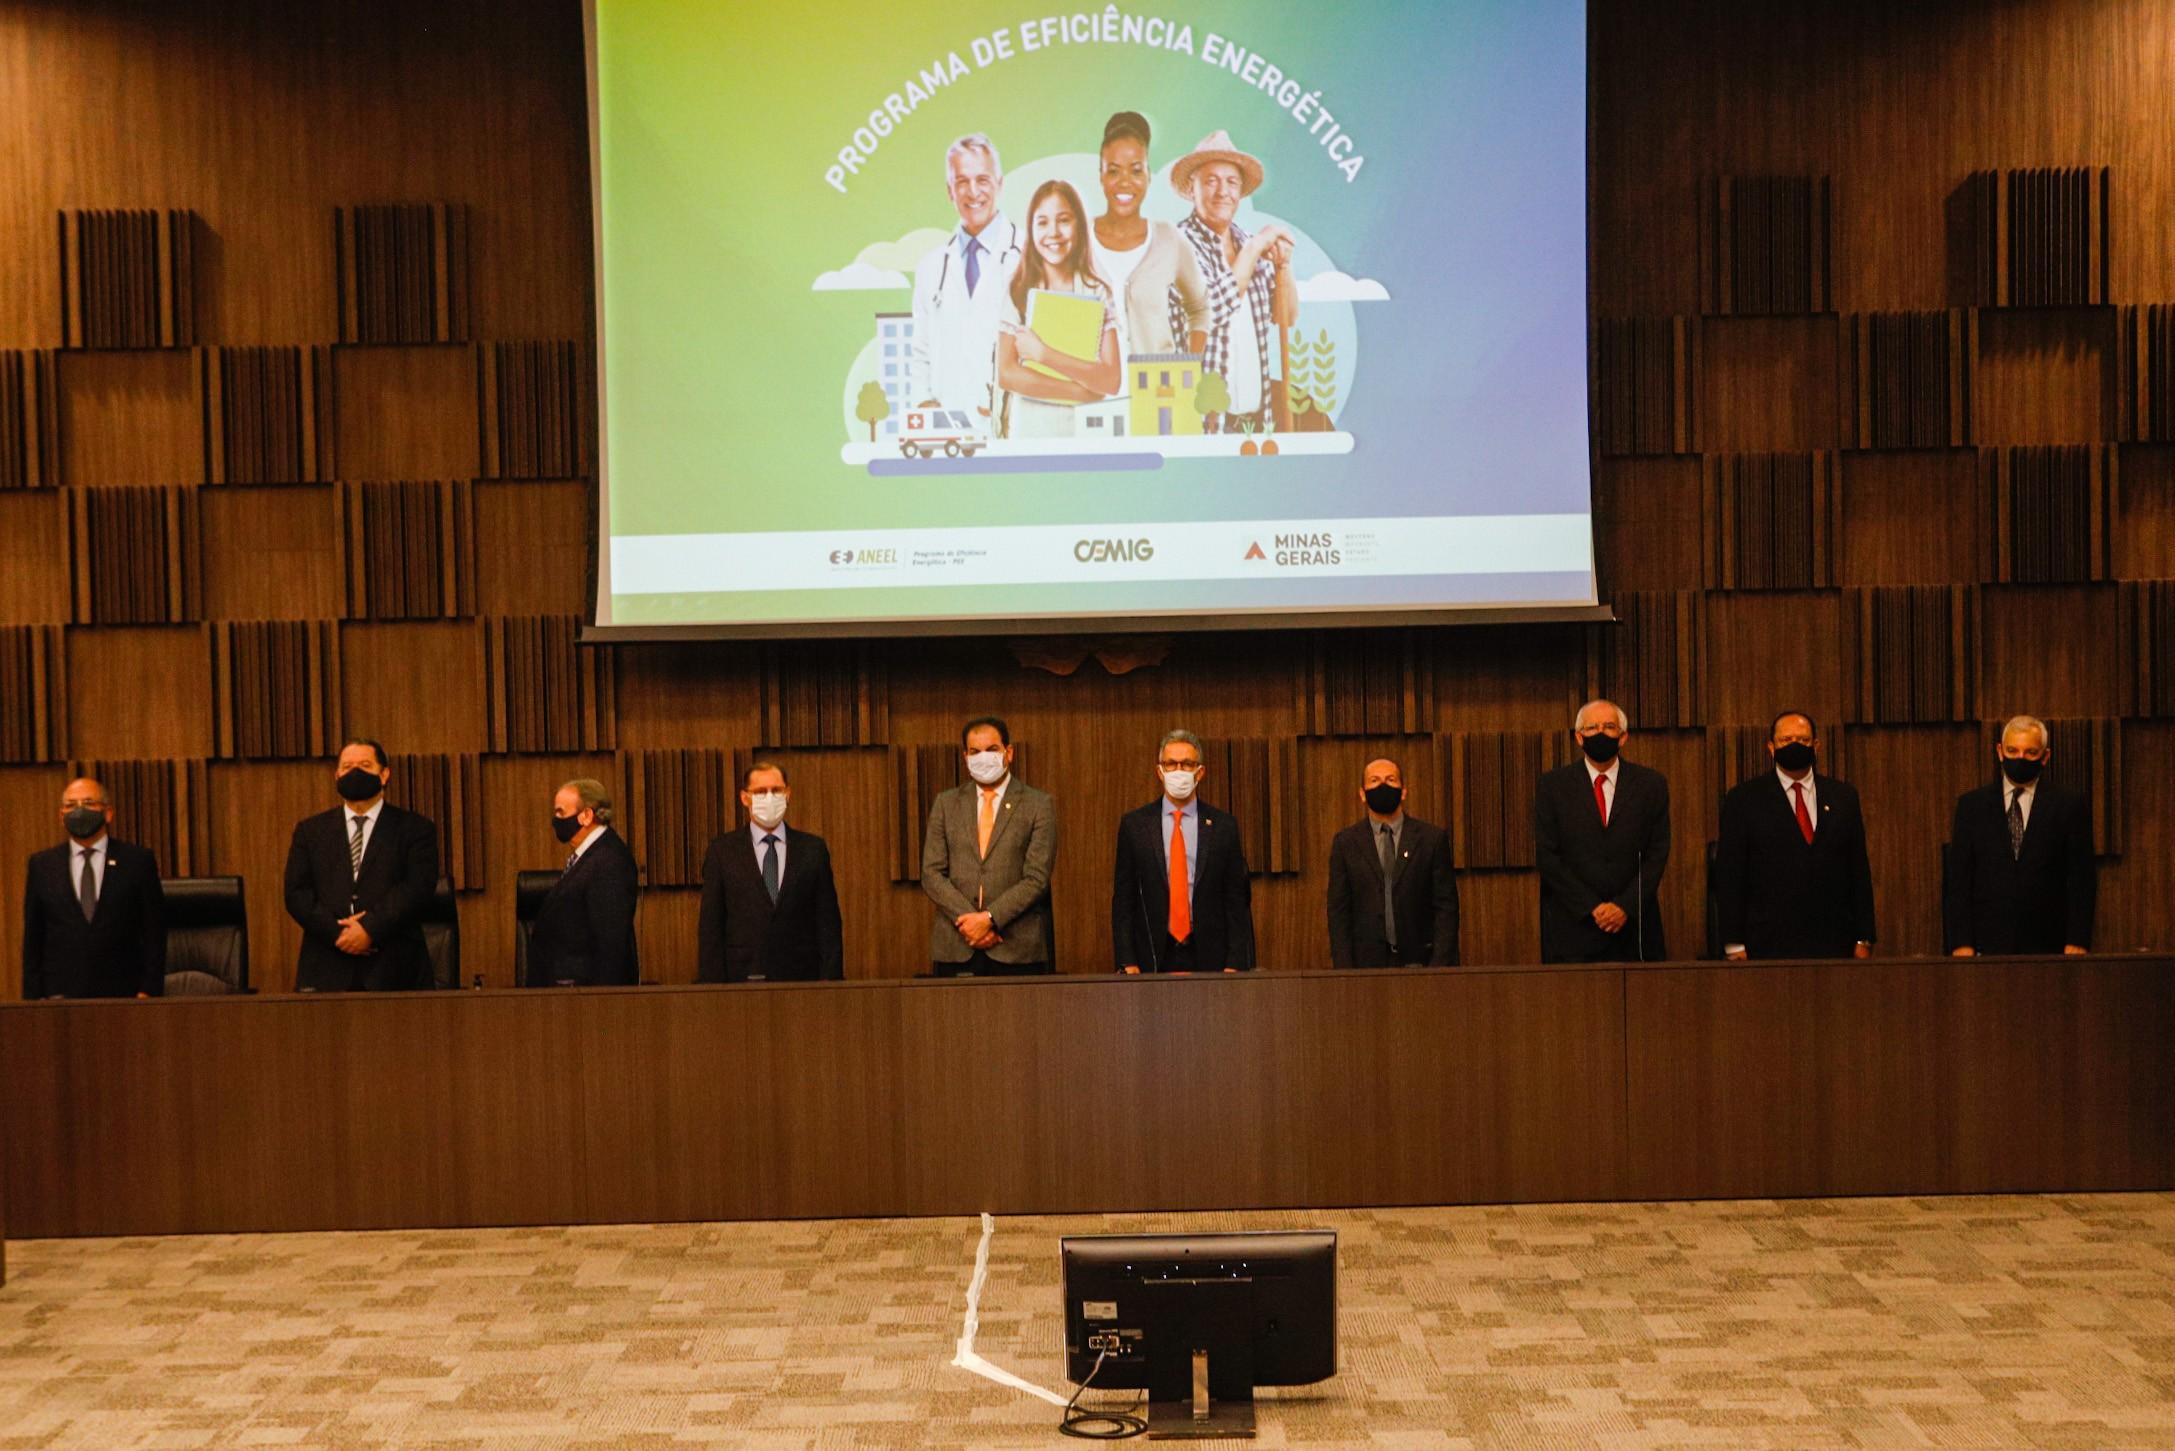 Zema participa de cerimônia de inauguração da usina fotovoltaica da Apac em São João del Rei